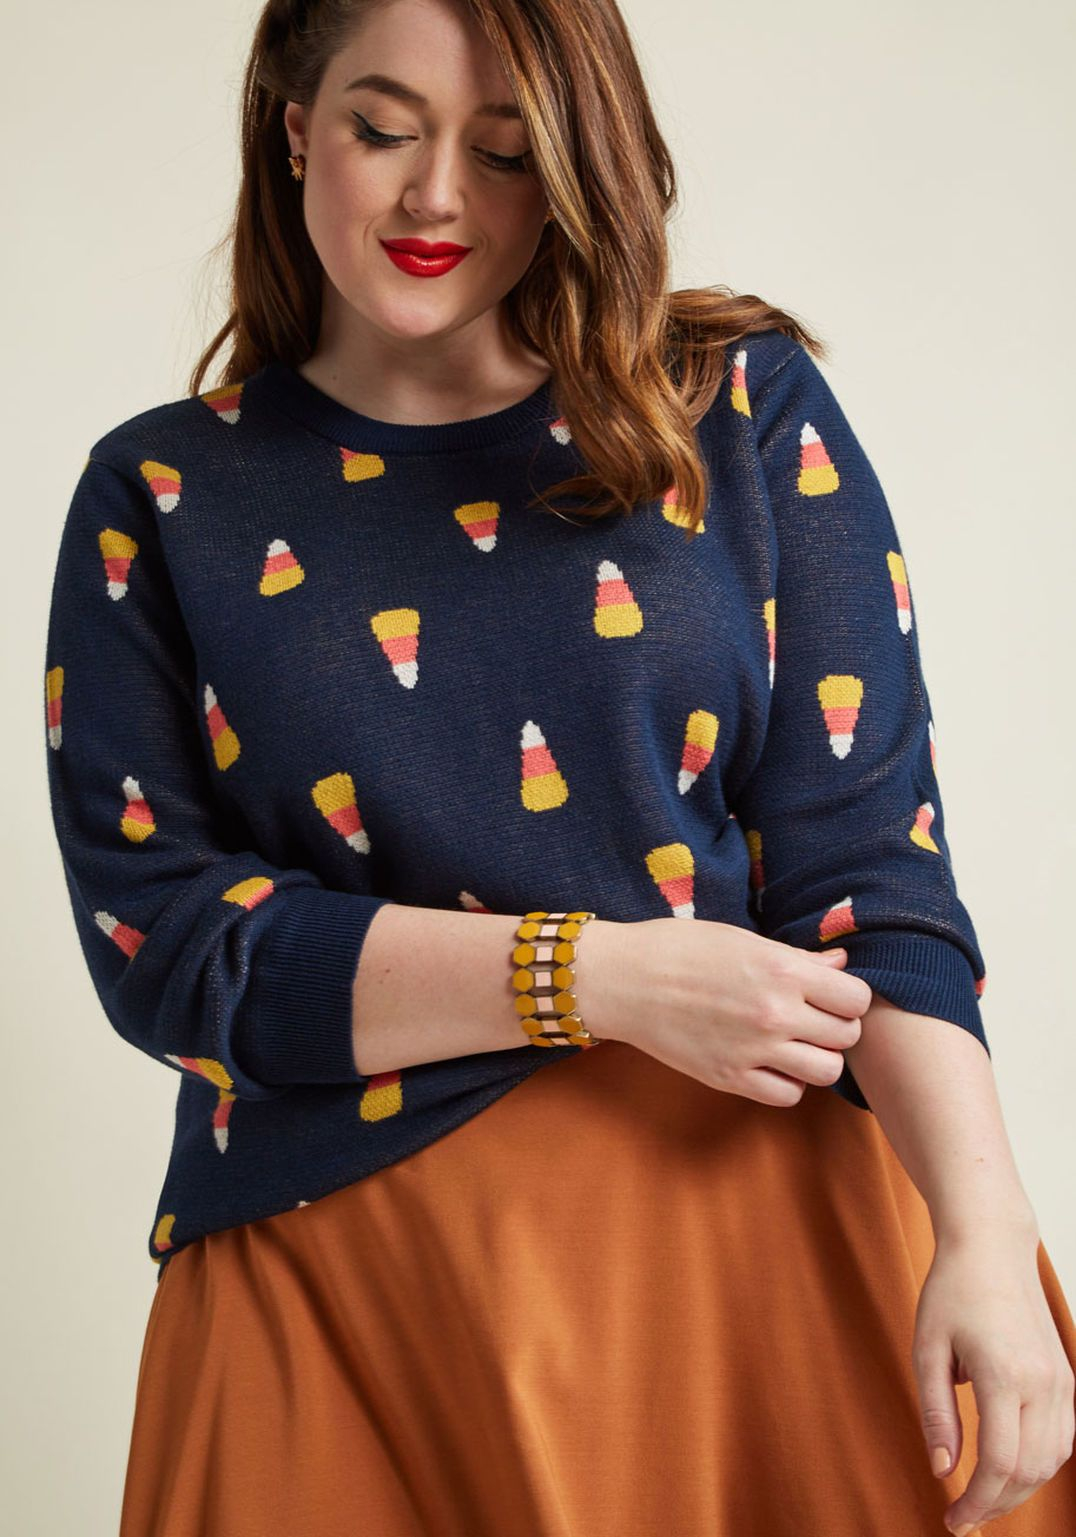 Candy Corn Intarsia Sweater in 2019 Halloween fashion